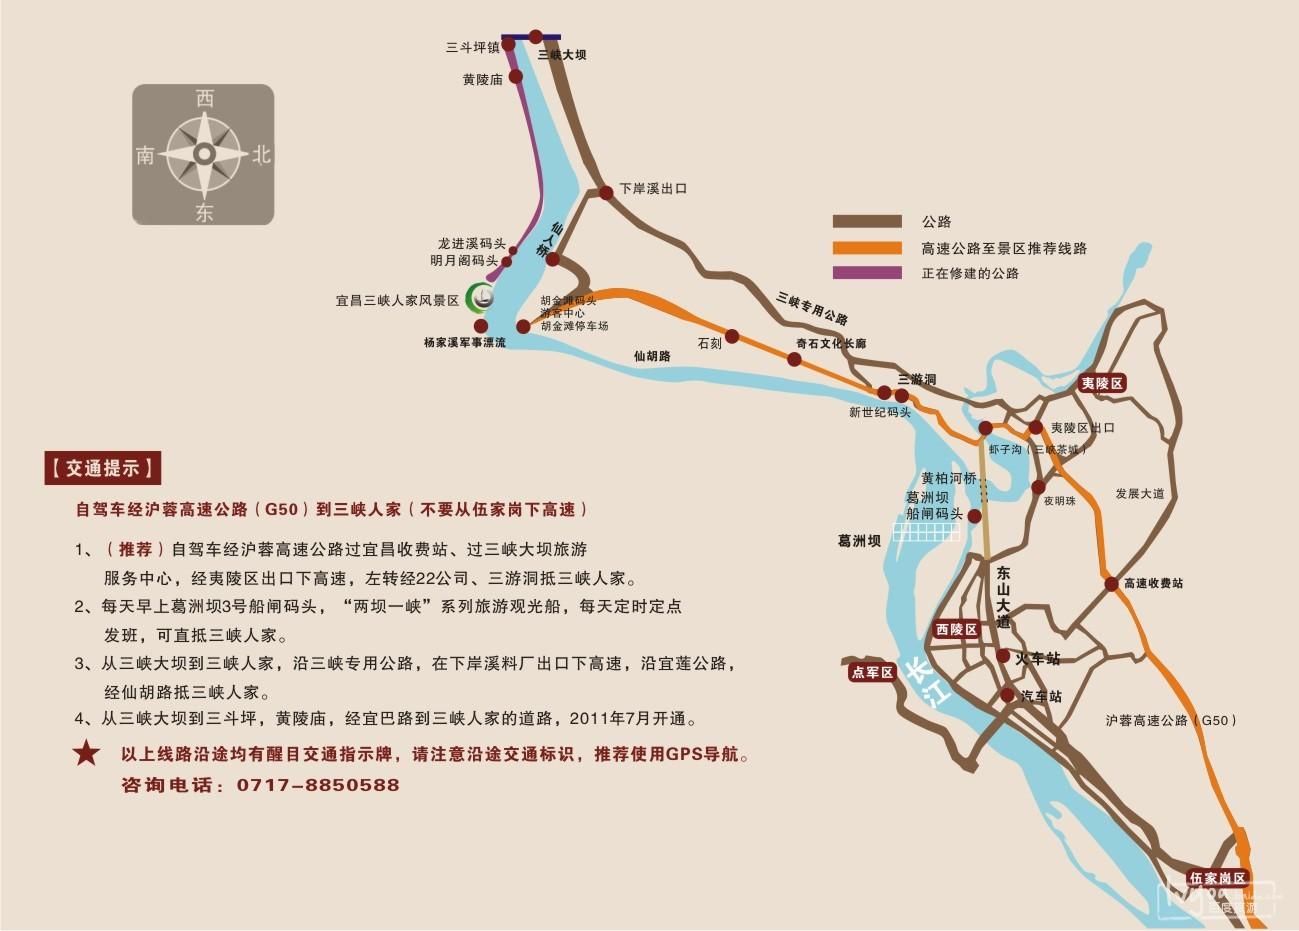 宜昌旅游景点分布图_成都景点地图分布_成都景点分布